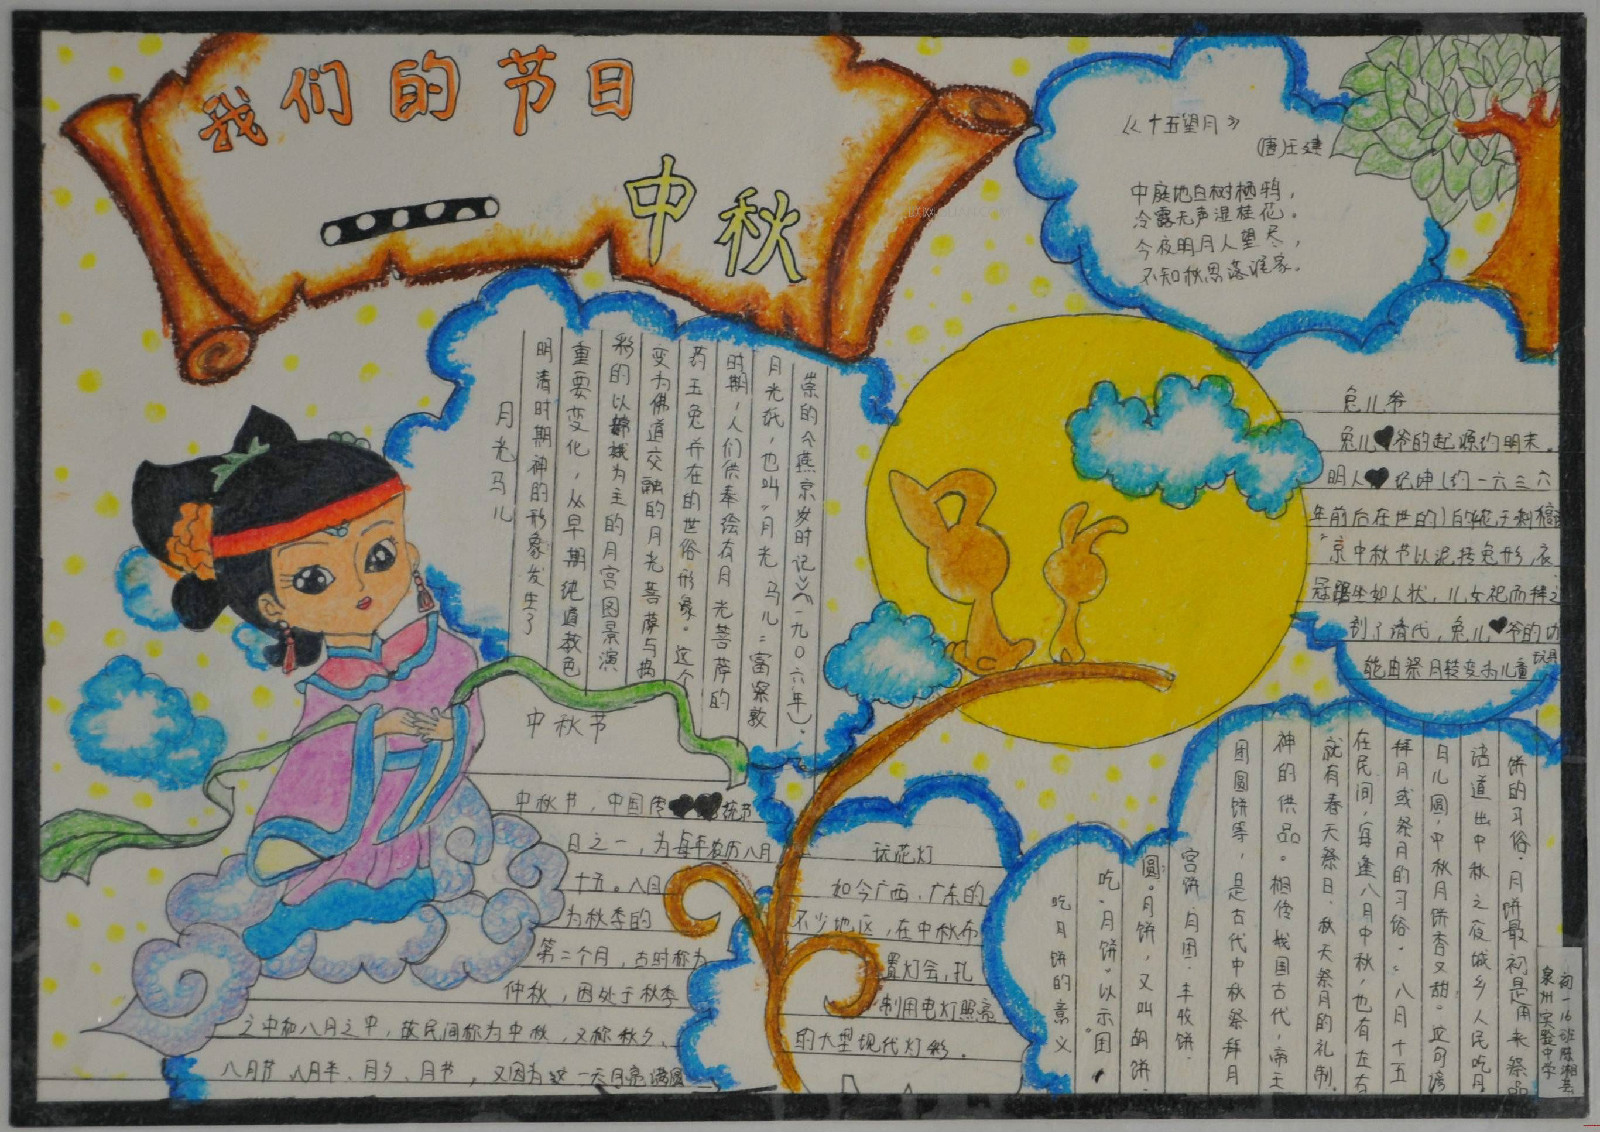 简洁漂亮的中秋节手抄报图片精选图片